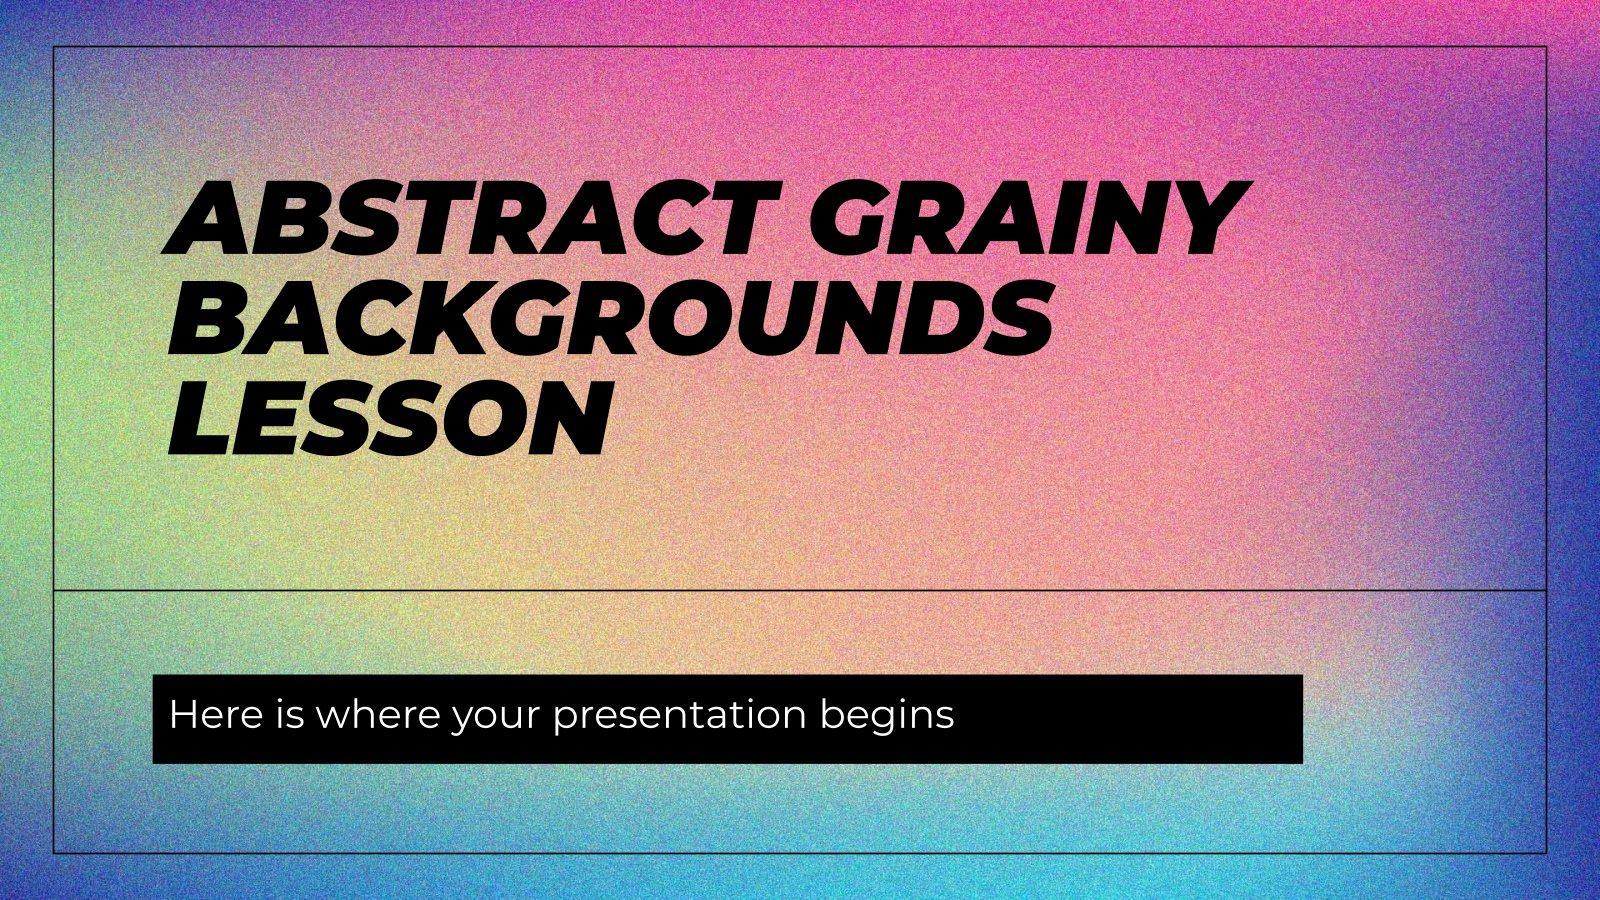 Arrière-plans abstraits granuleux pour les cours : Modèles de présentation